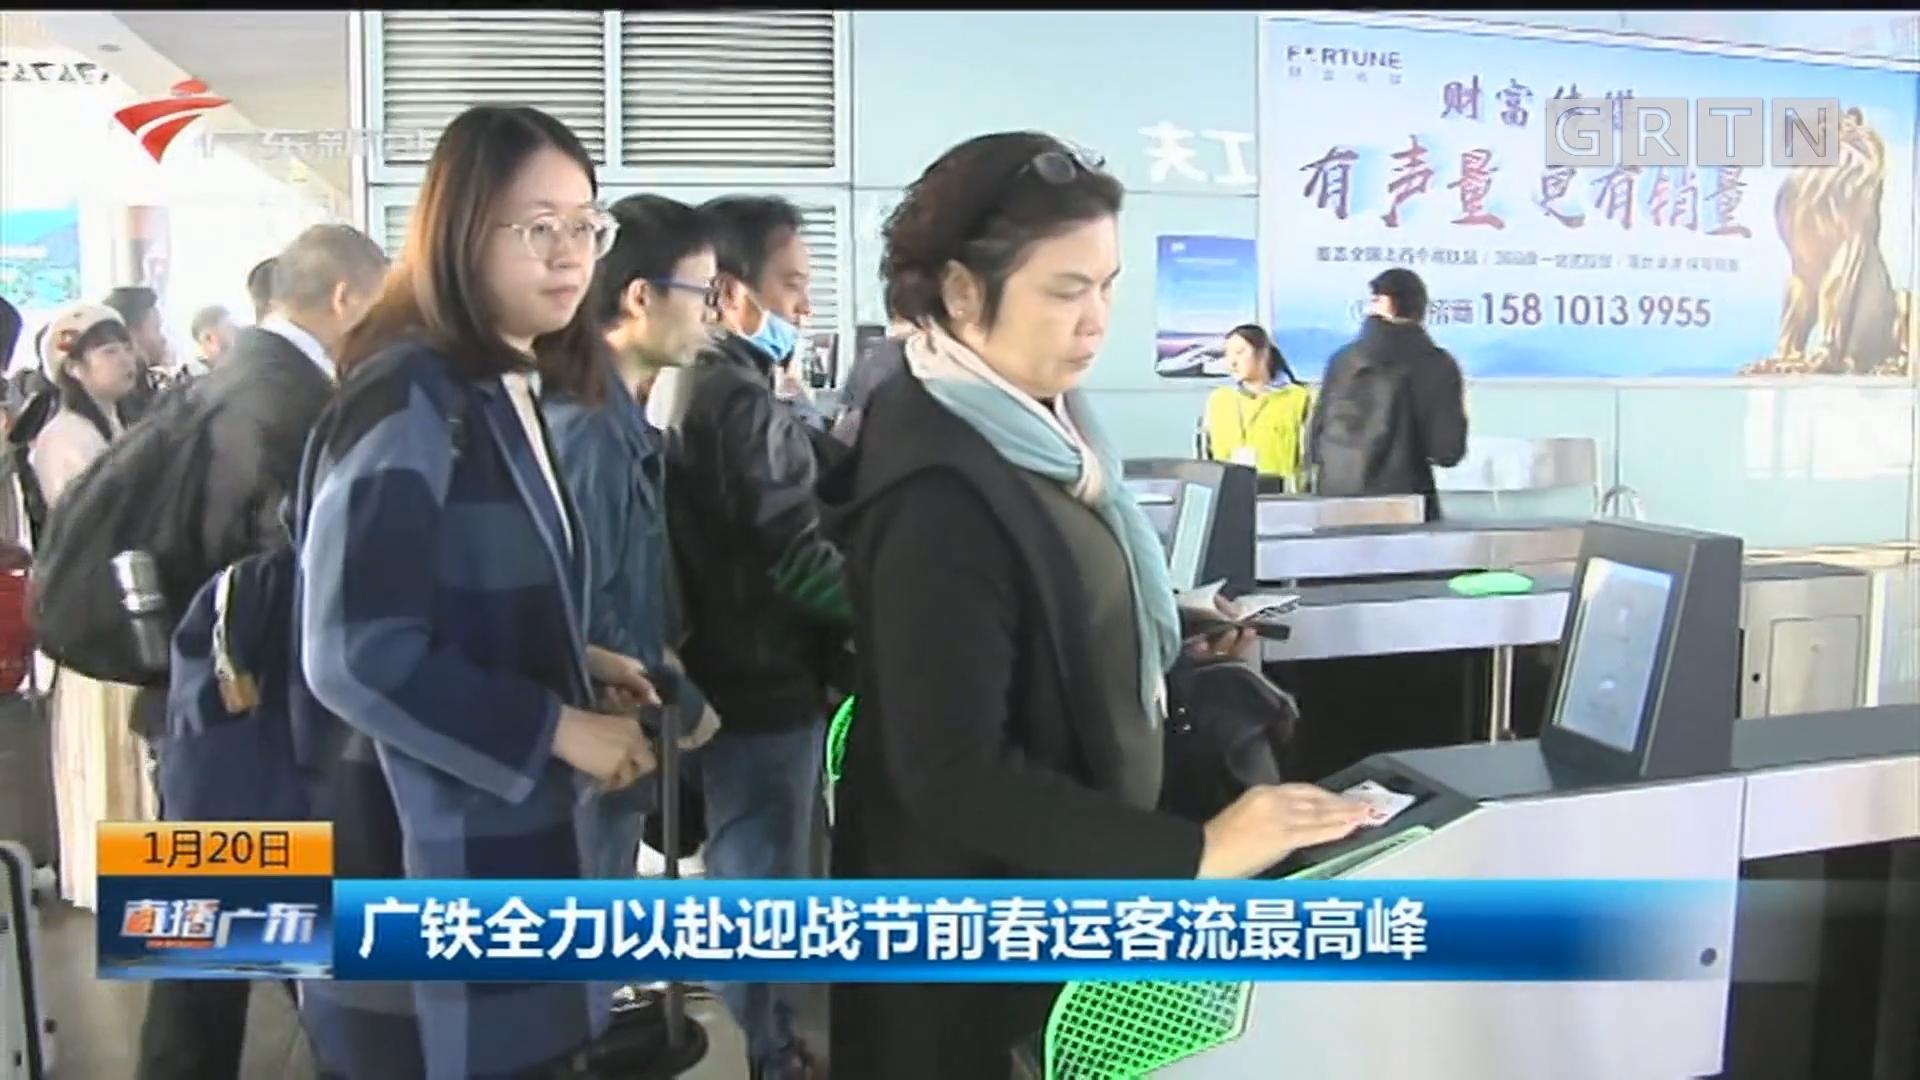 广铁全力以赴迎战节前春运客流最高峰